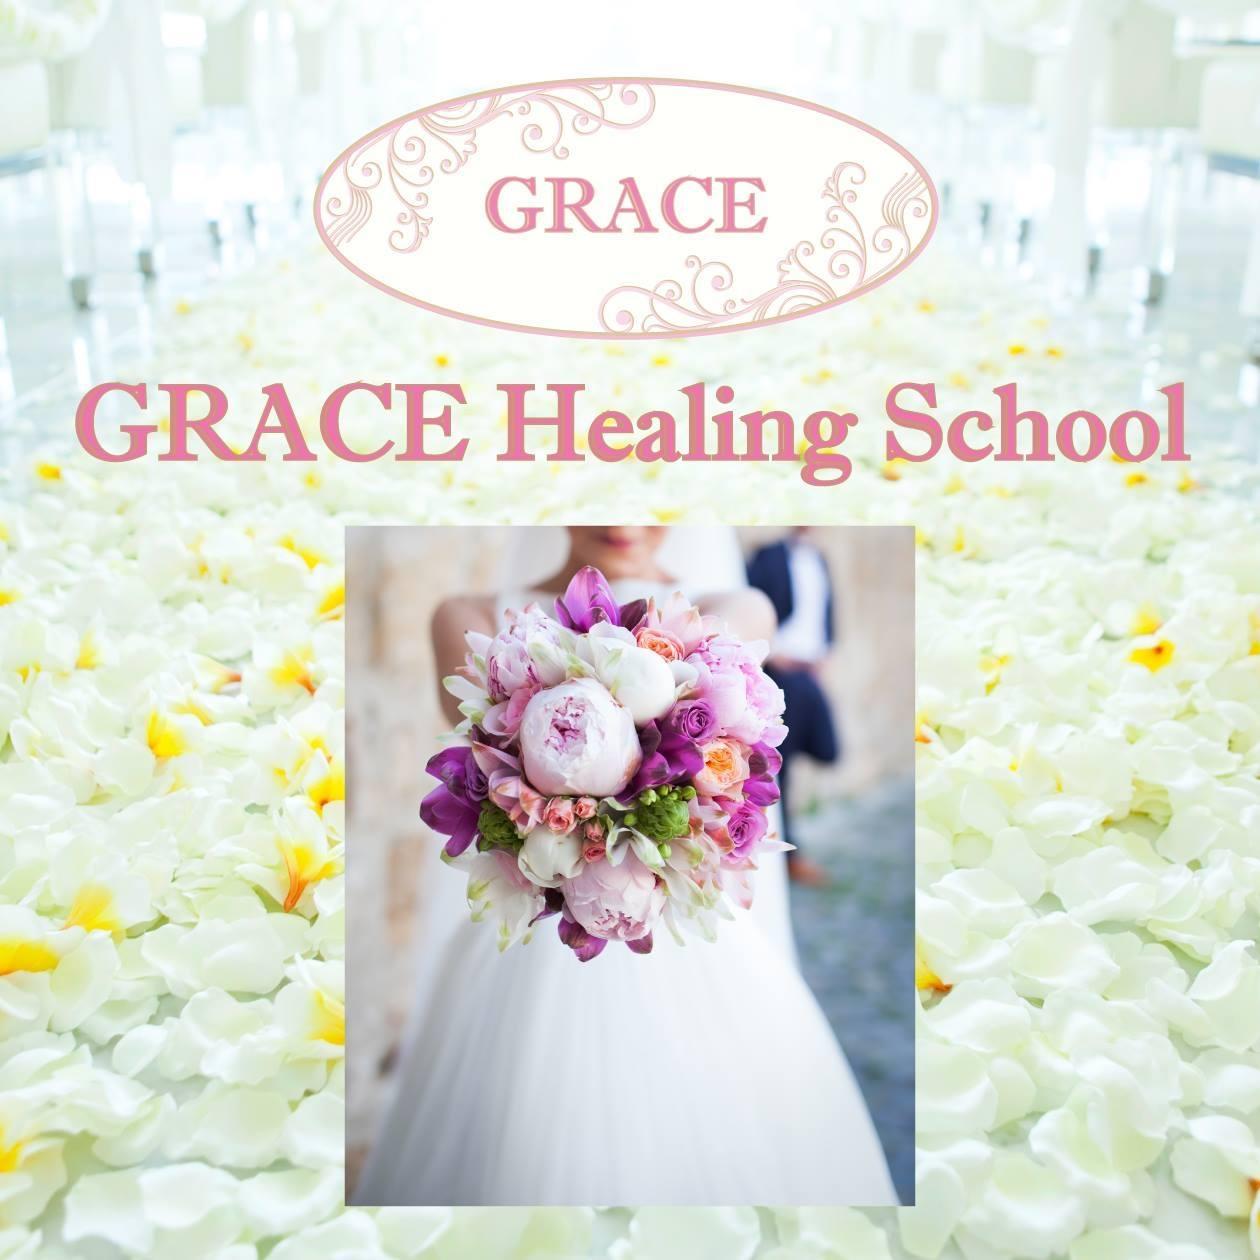 GRACE Healing School